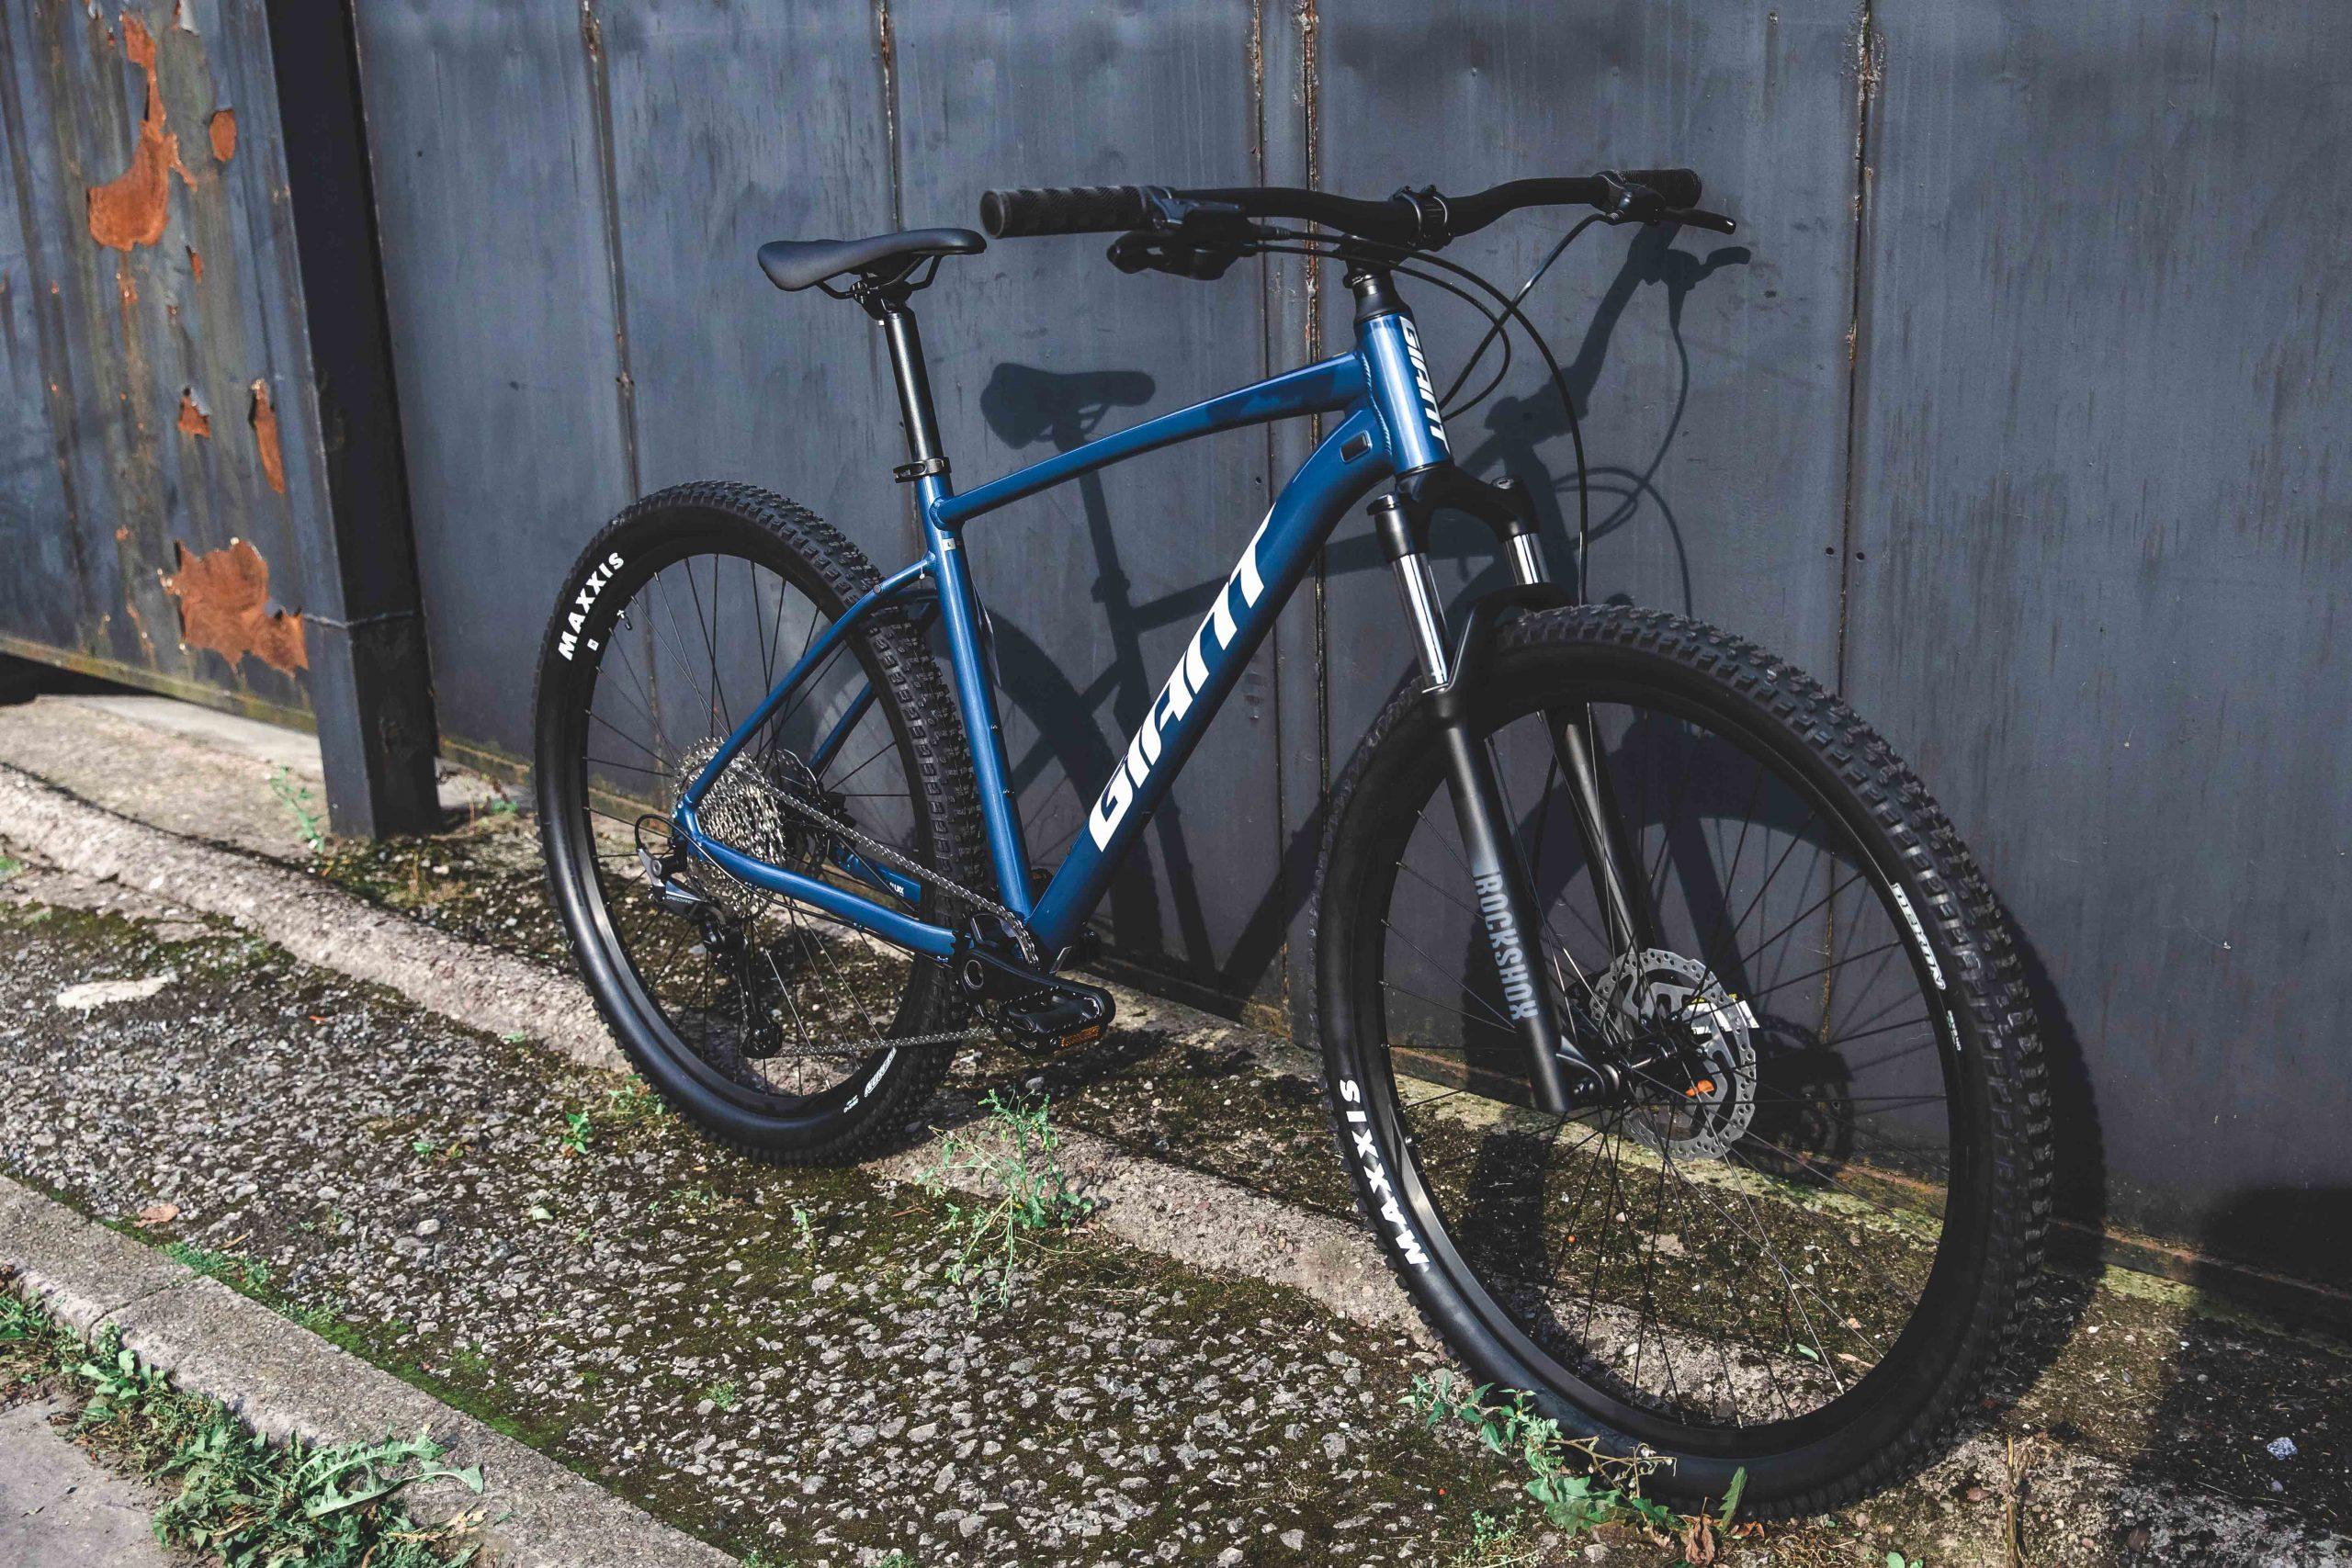 Giant Talon 0 Mountain Bike Review –